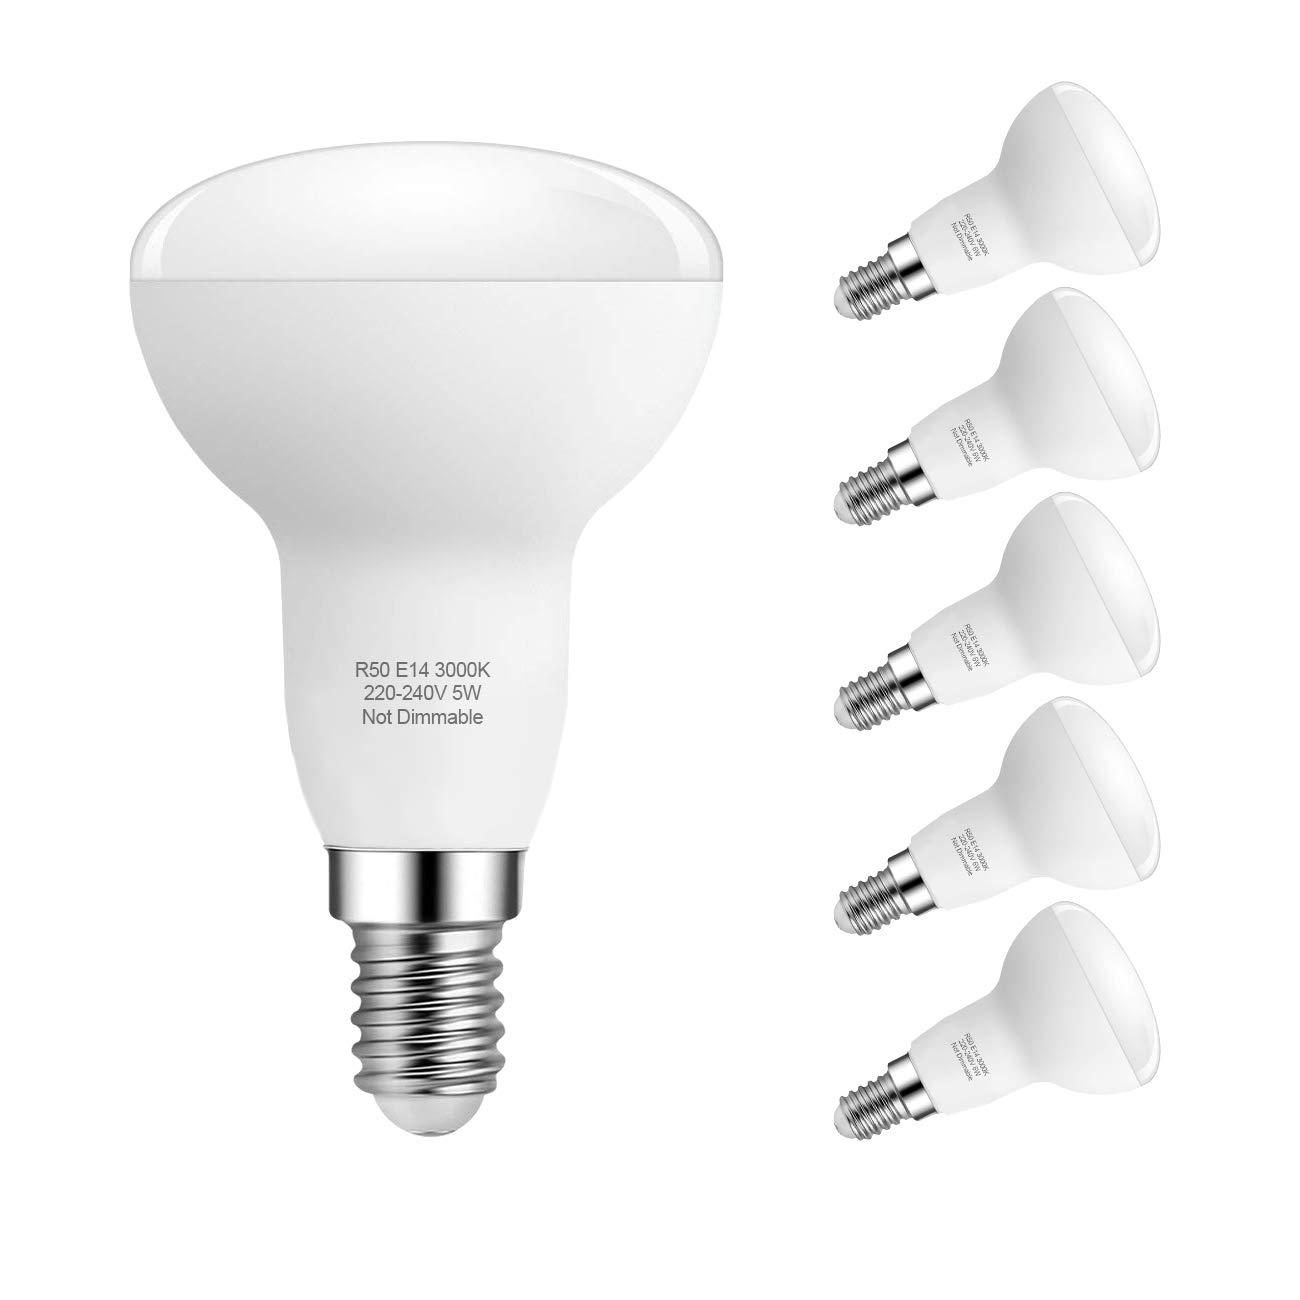 E14 Bombillas LED, 5W R50 Reflector Bombillas LED, 40W Bombillas incandescentes equivalentes, Blanco Cálido 3000K, Ángulo de haz de 180 °, Paquete de ...